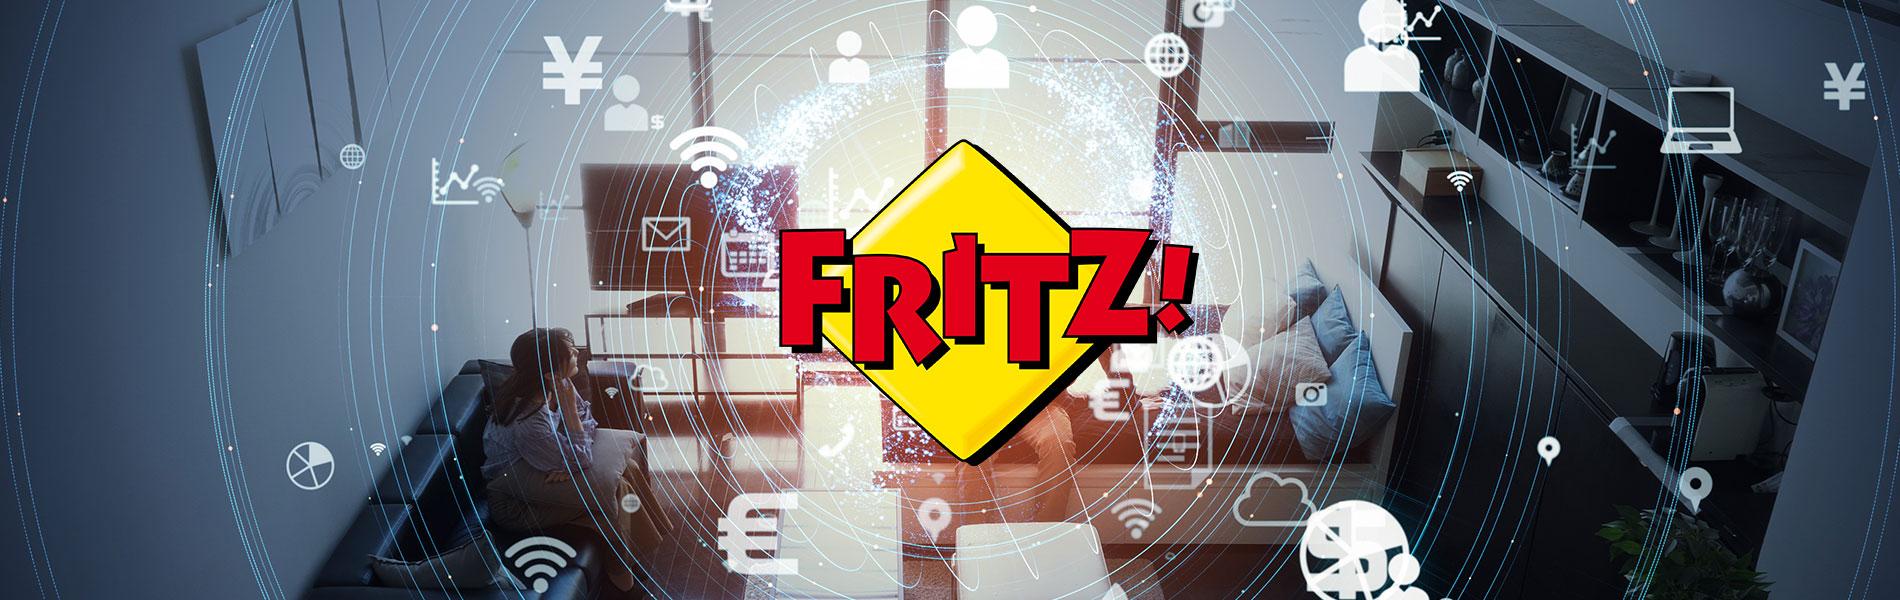 modem router TP-Link e Fritz!